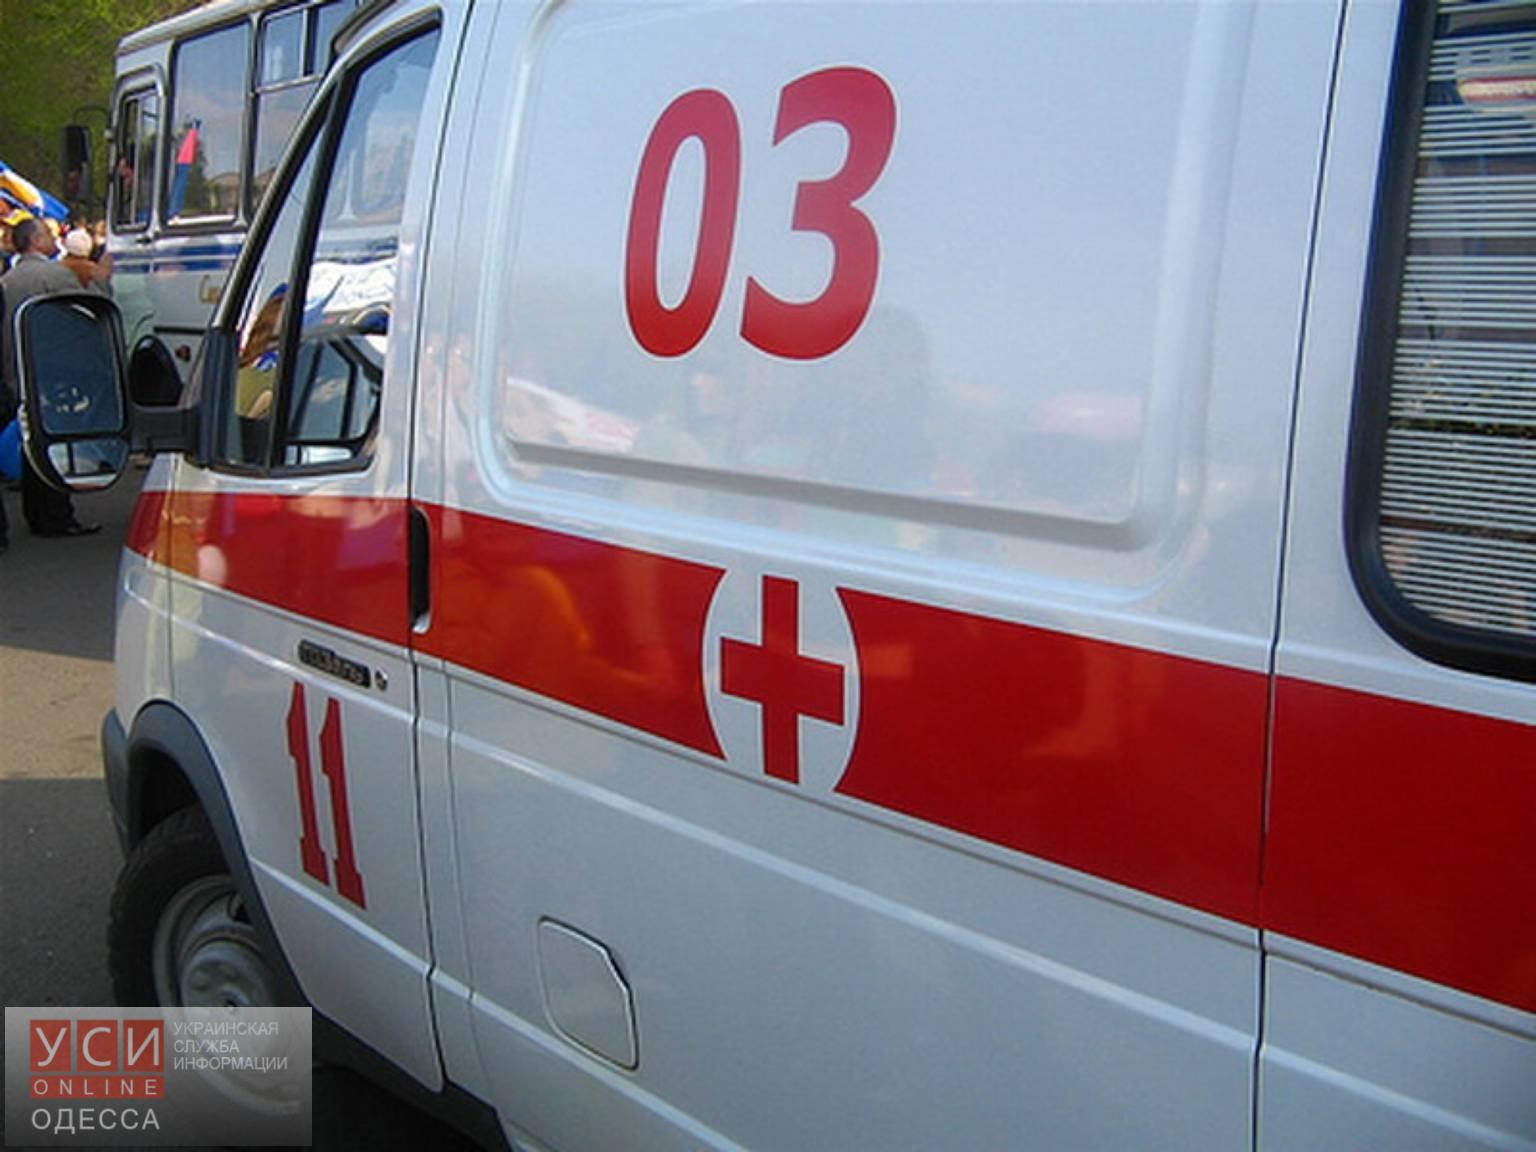 ВКодымском районе впроцессе пожара умер человек